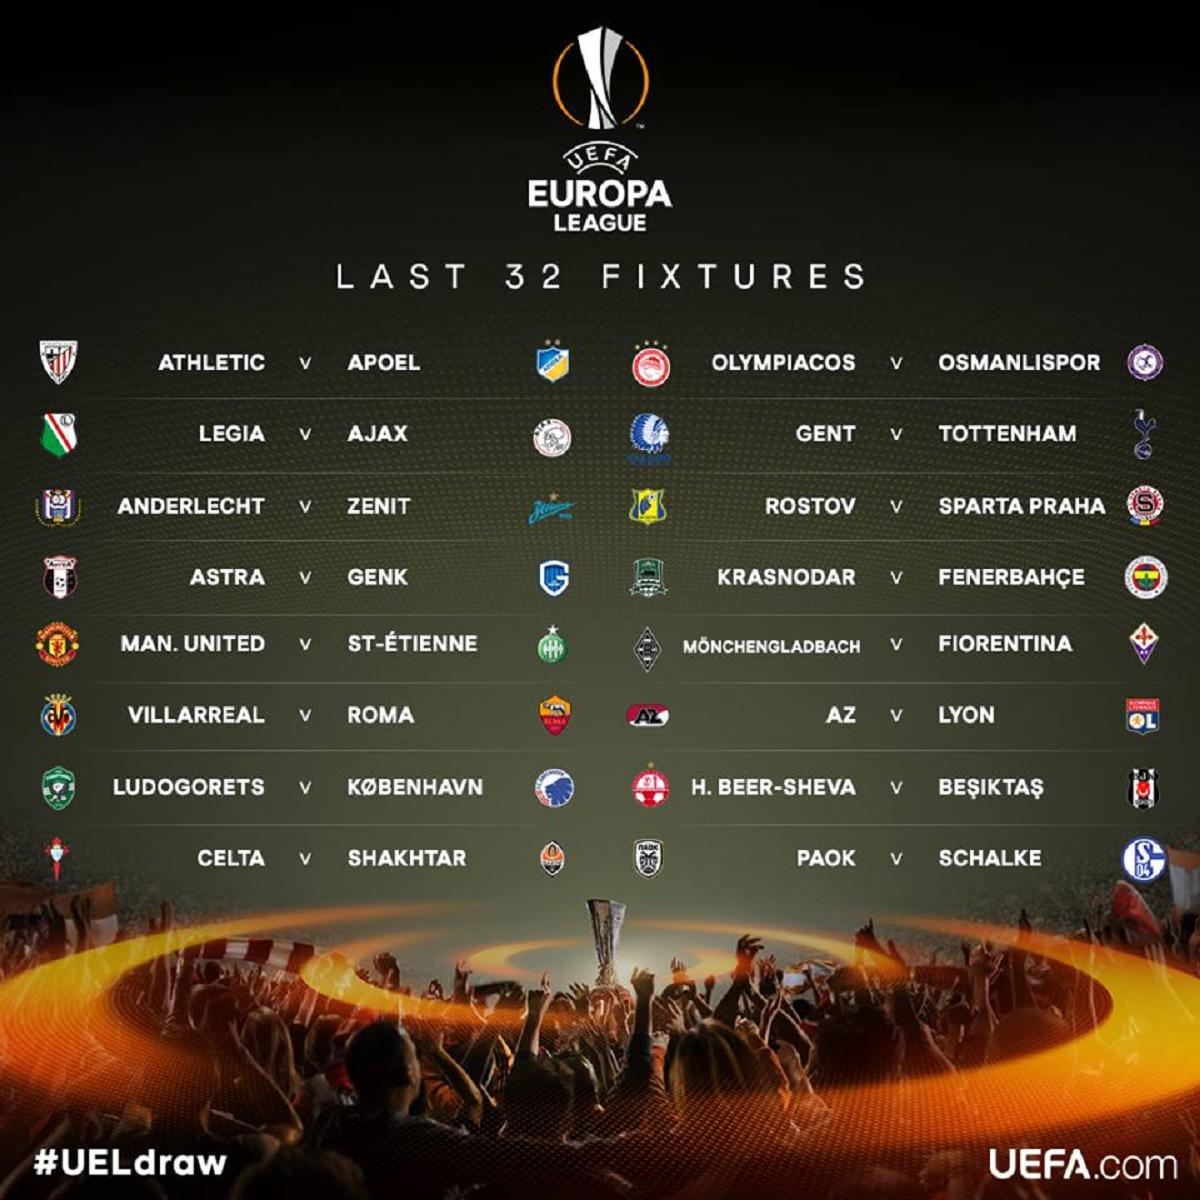 UEFA Europa League și-a ales astăzi tabloul 16-imilor. Sorții au adus față în față multe echipe puternice. AS Roma-Villarreal, Anderlecht-Zenit.